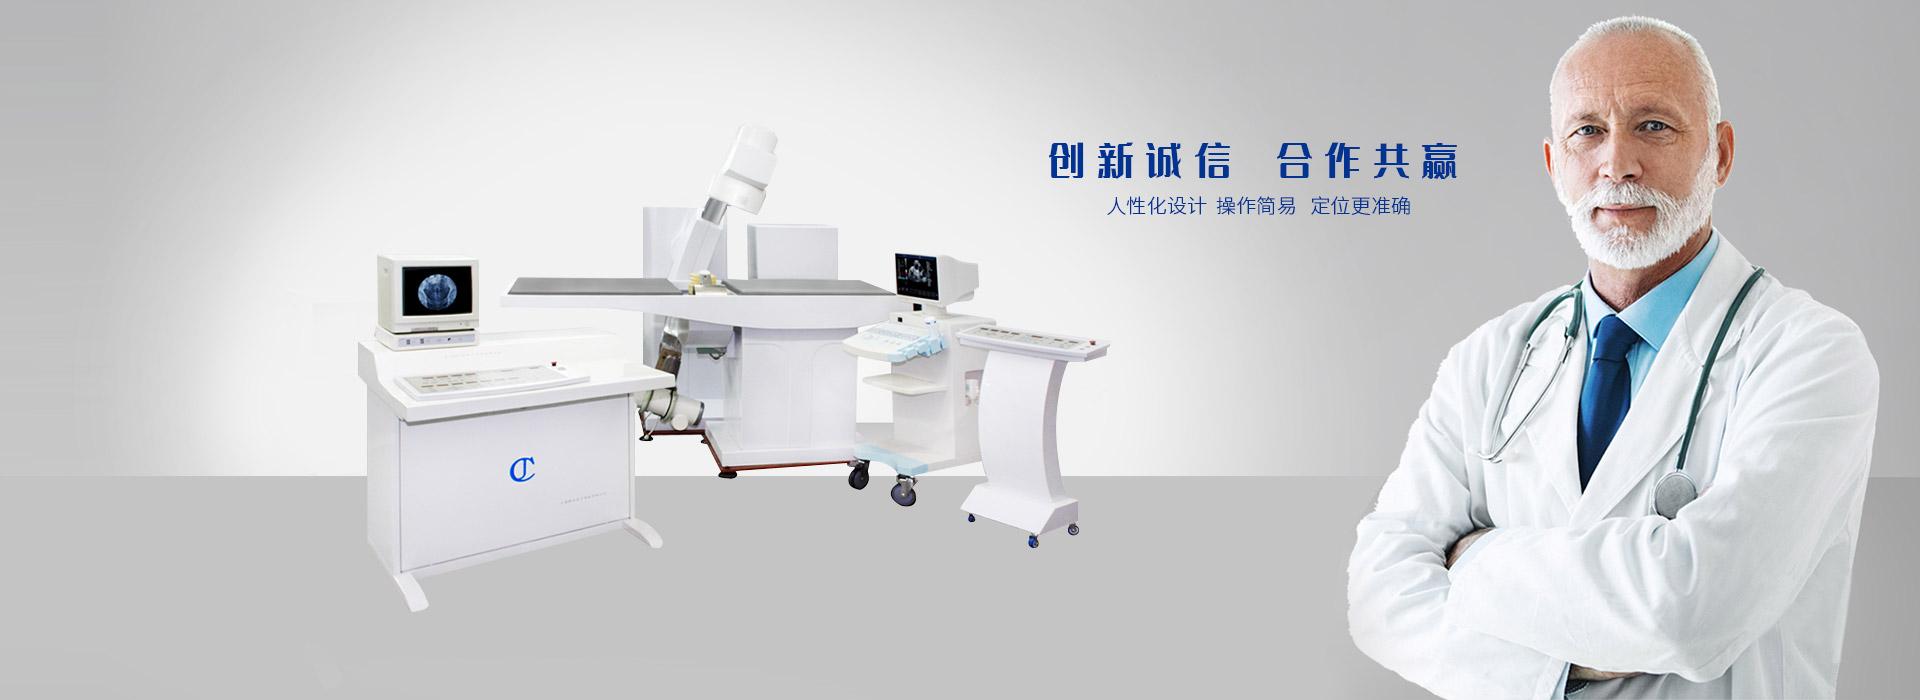 上海精诚医疗器械有限公司